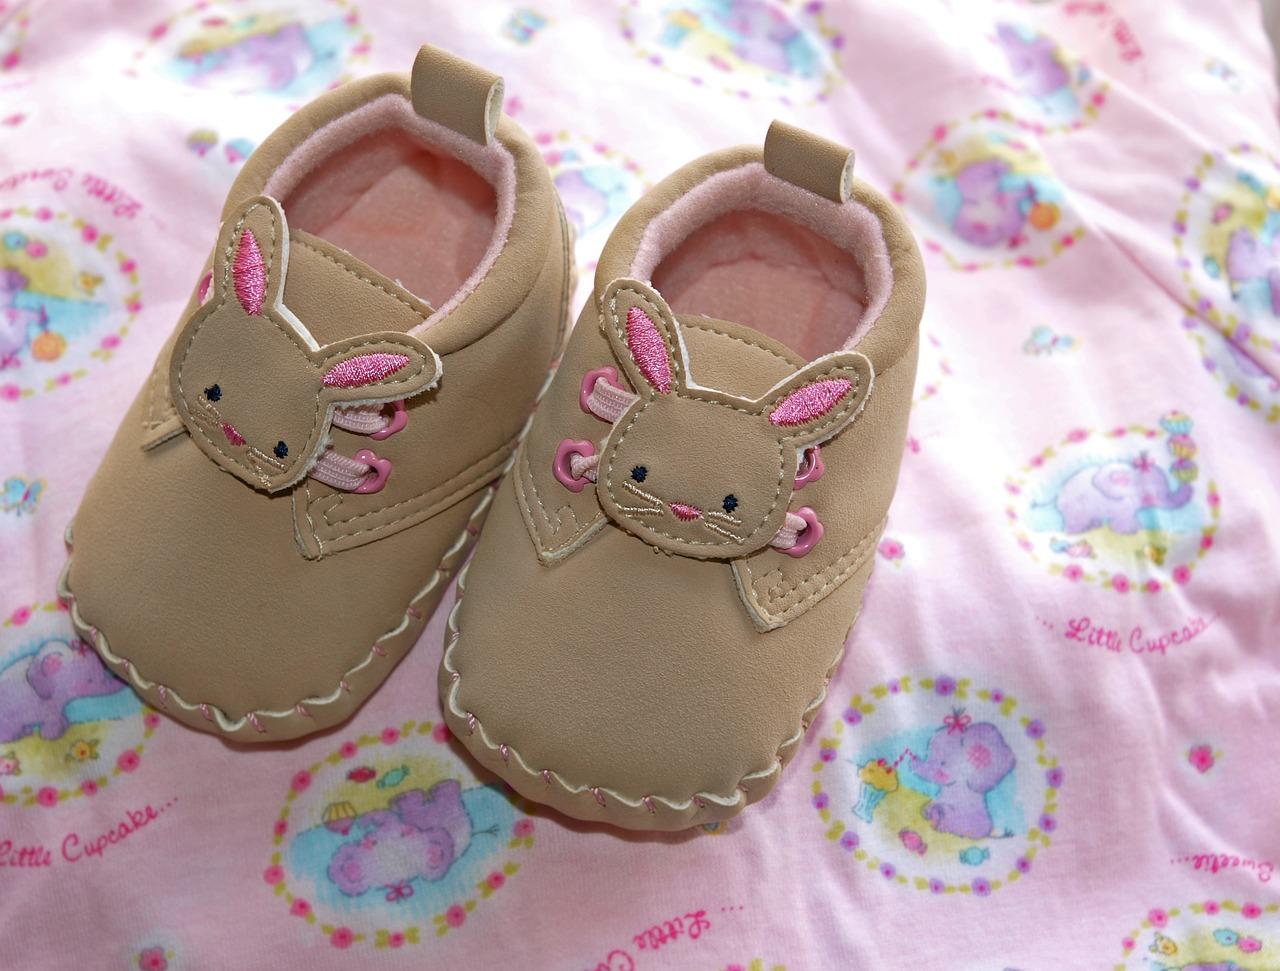 Pourquoi choisir des chaussons antidérapants à bébé ?